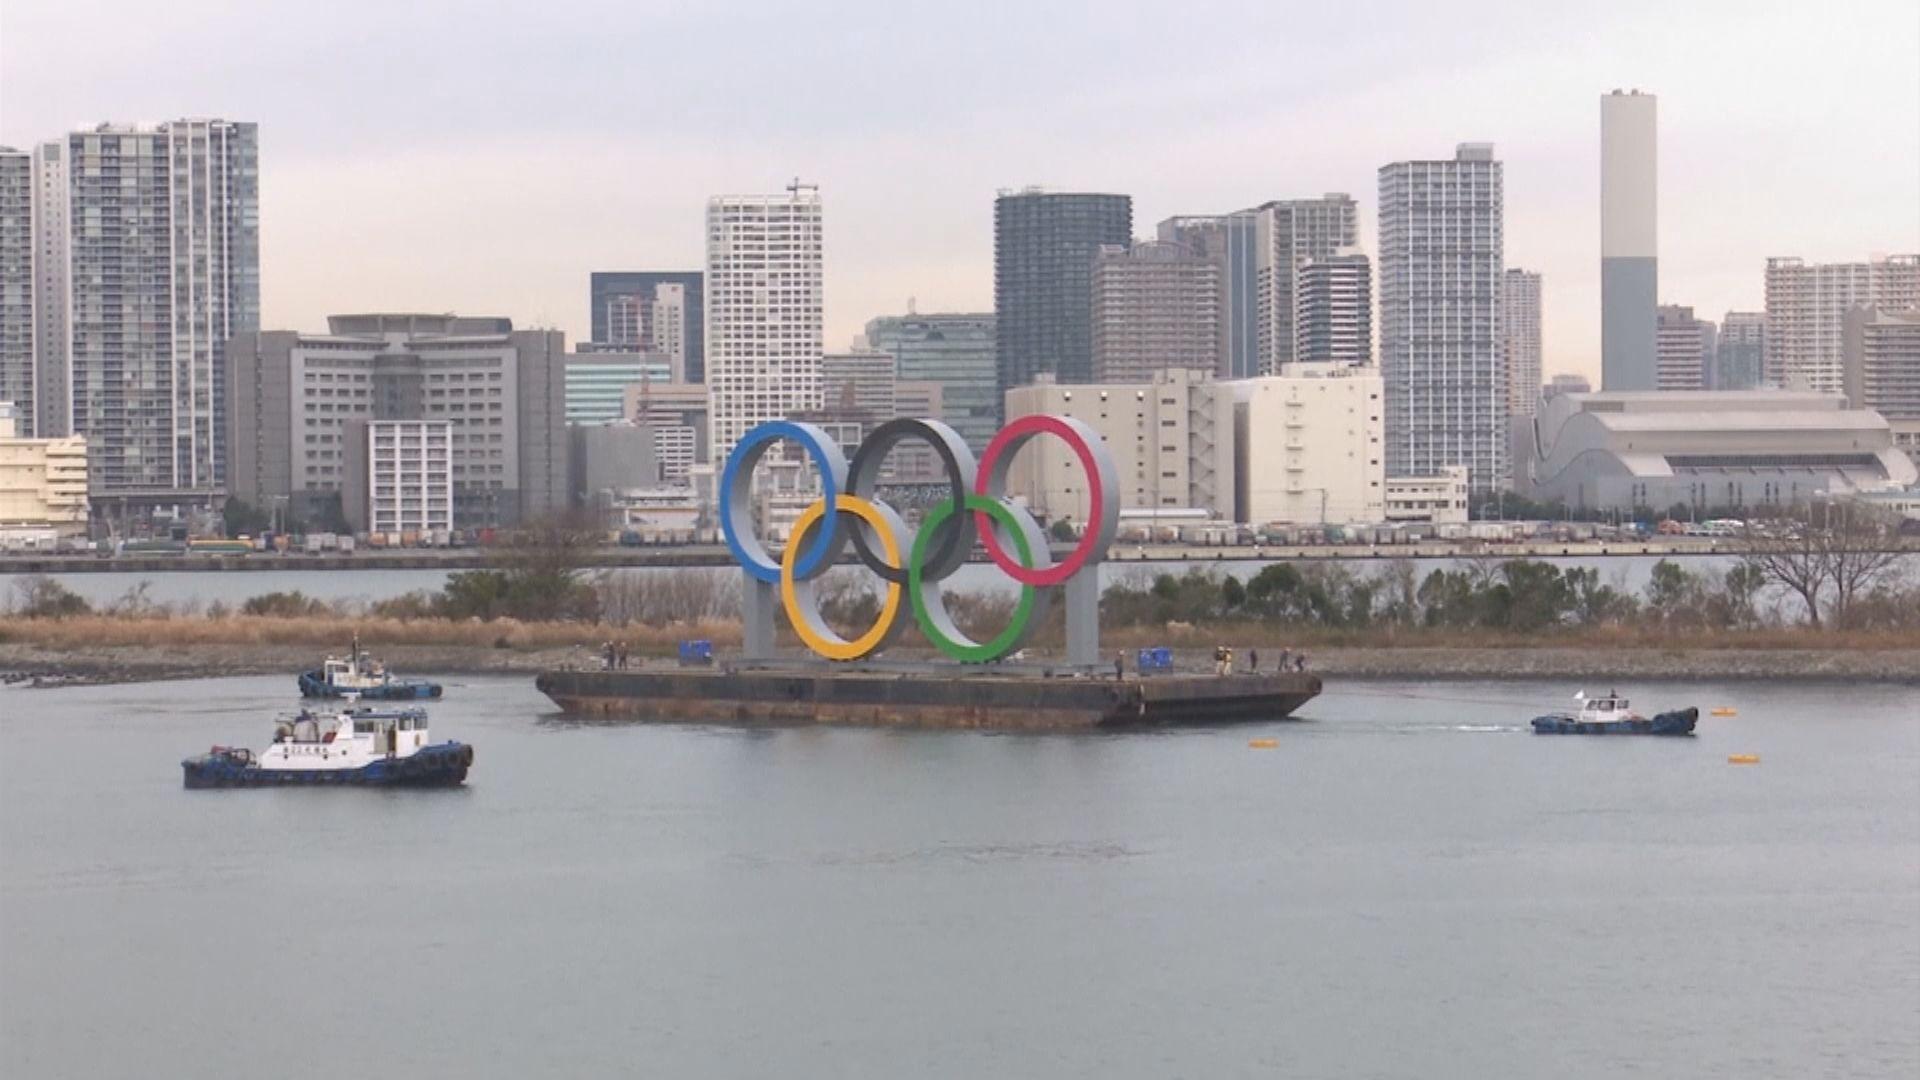 據報東京奧運不接待海外普通觀眾 增運動員檢測密度